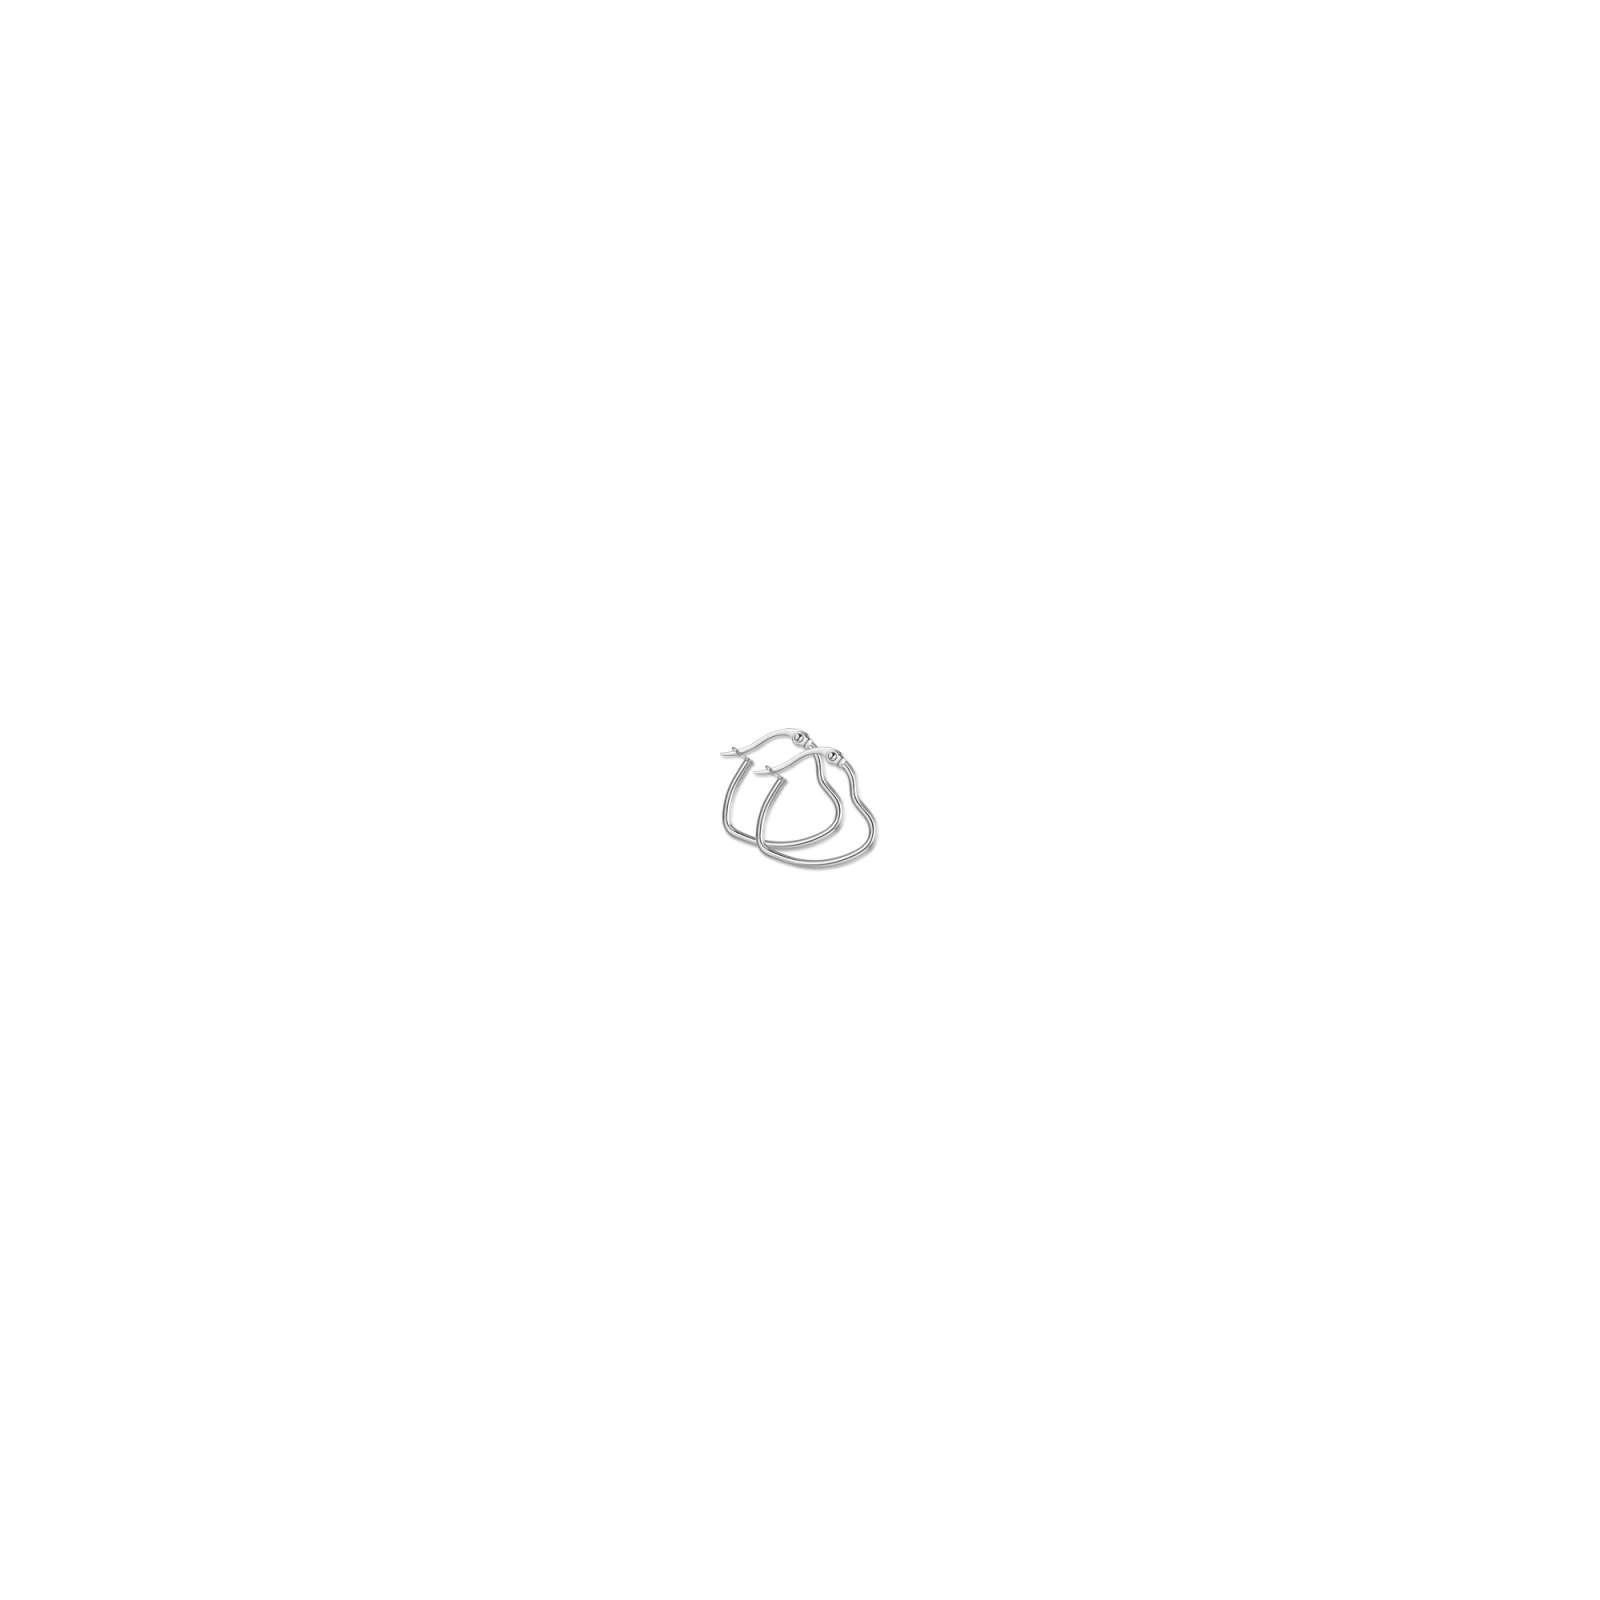 Luca Barra - Orecchini in acciaio a cuore diametro 13mm